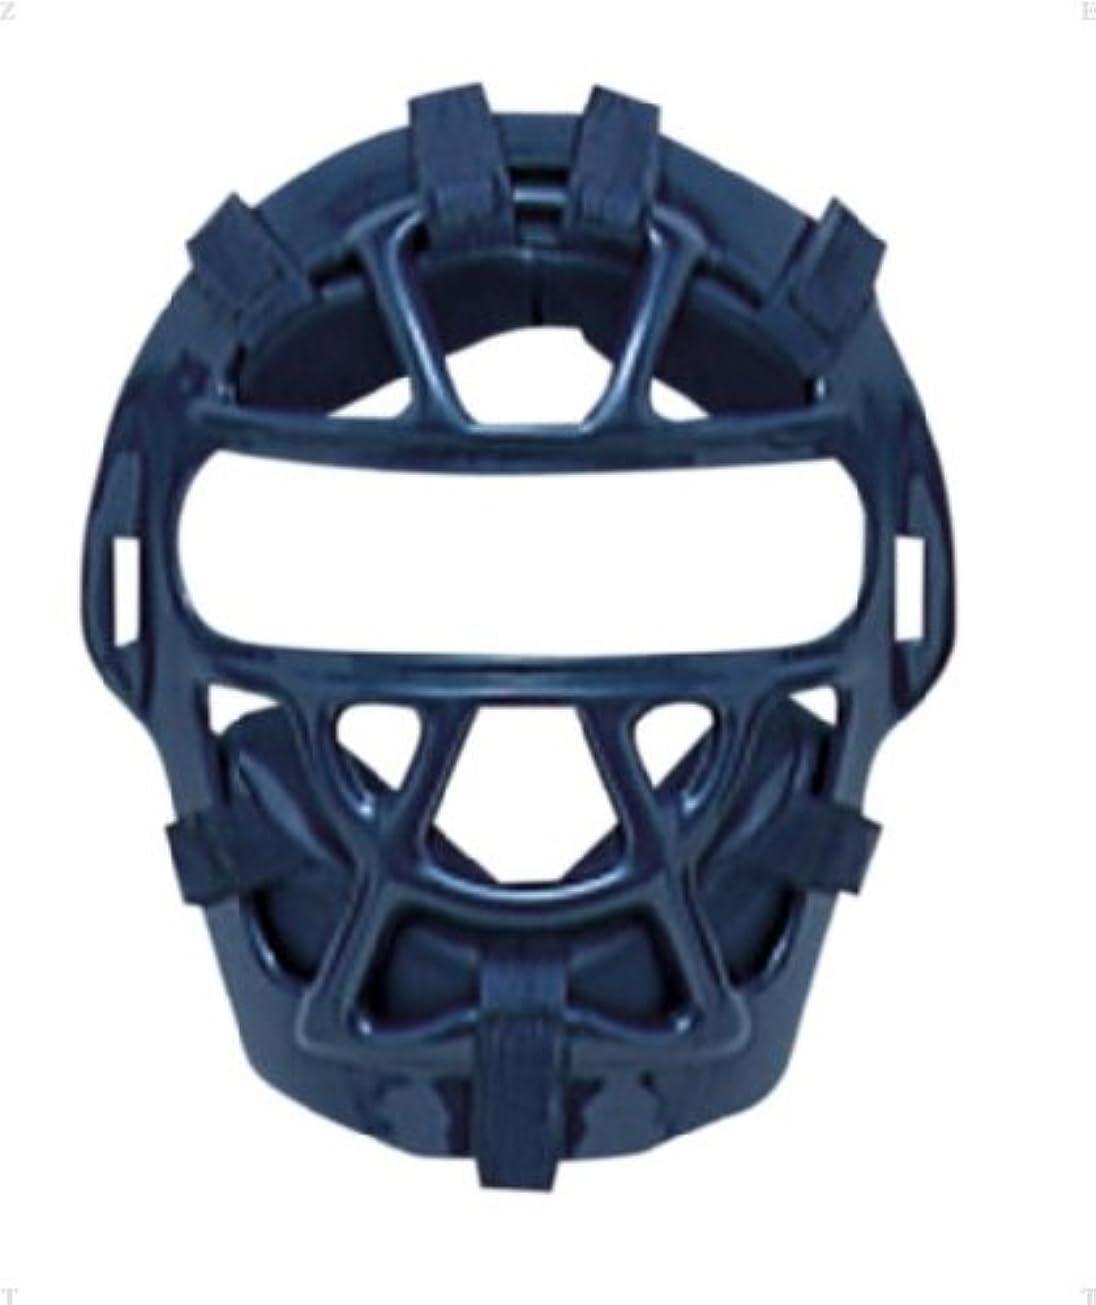 懲らしめ競う未亡人ゼット ZETT 防具 少年 ソフトボール用 マスク キャッチャー用 BL95A